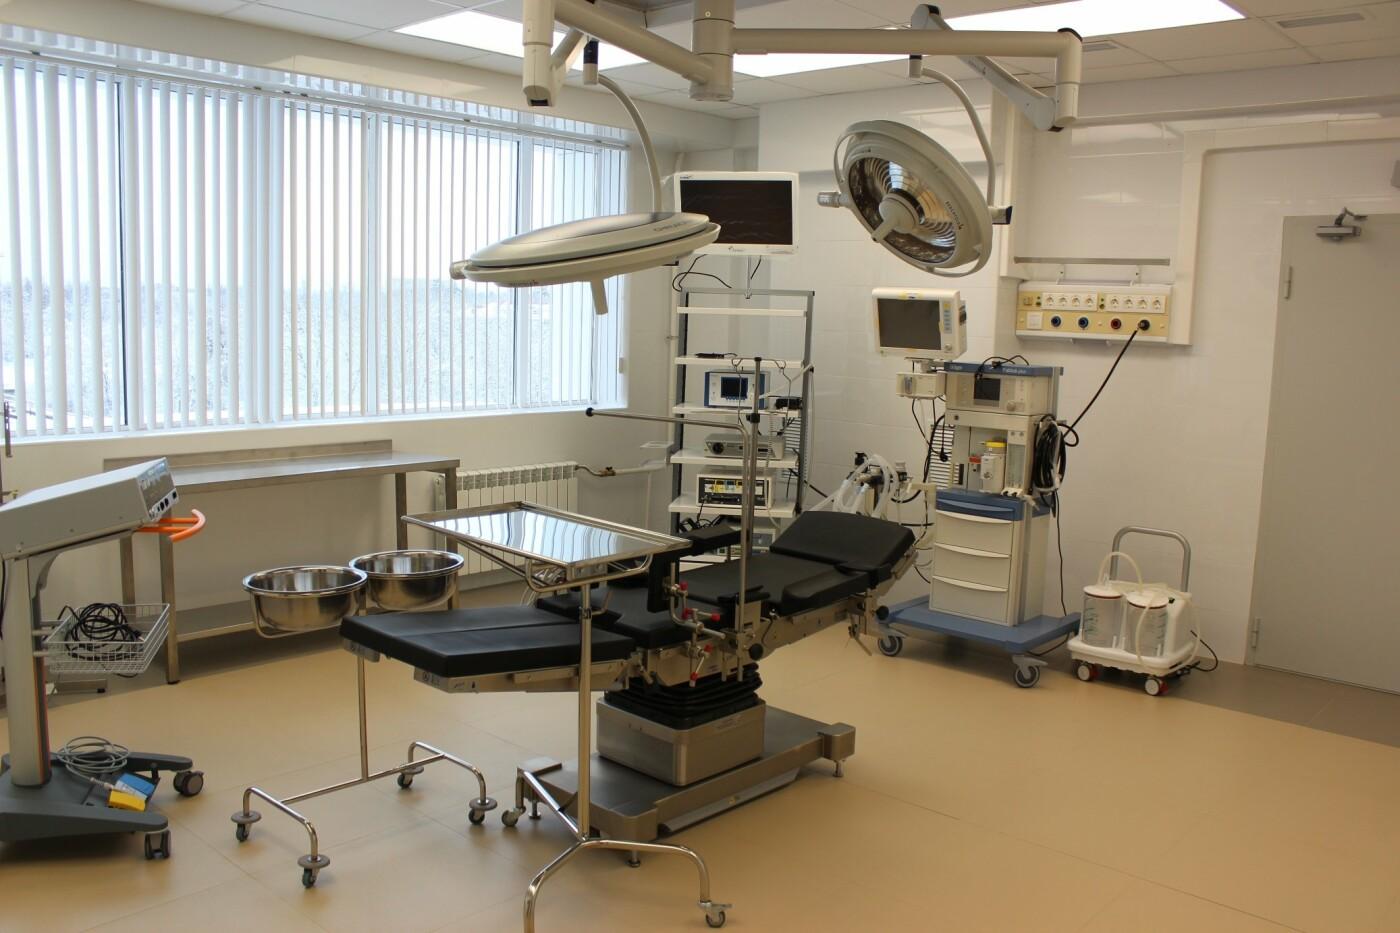 Экстренная медицинская помощь пострадавшим в ДТП будет оказываться в новом травмацентре, фото-2